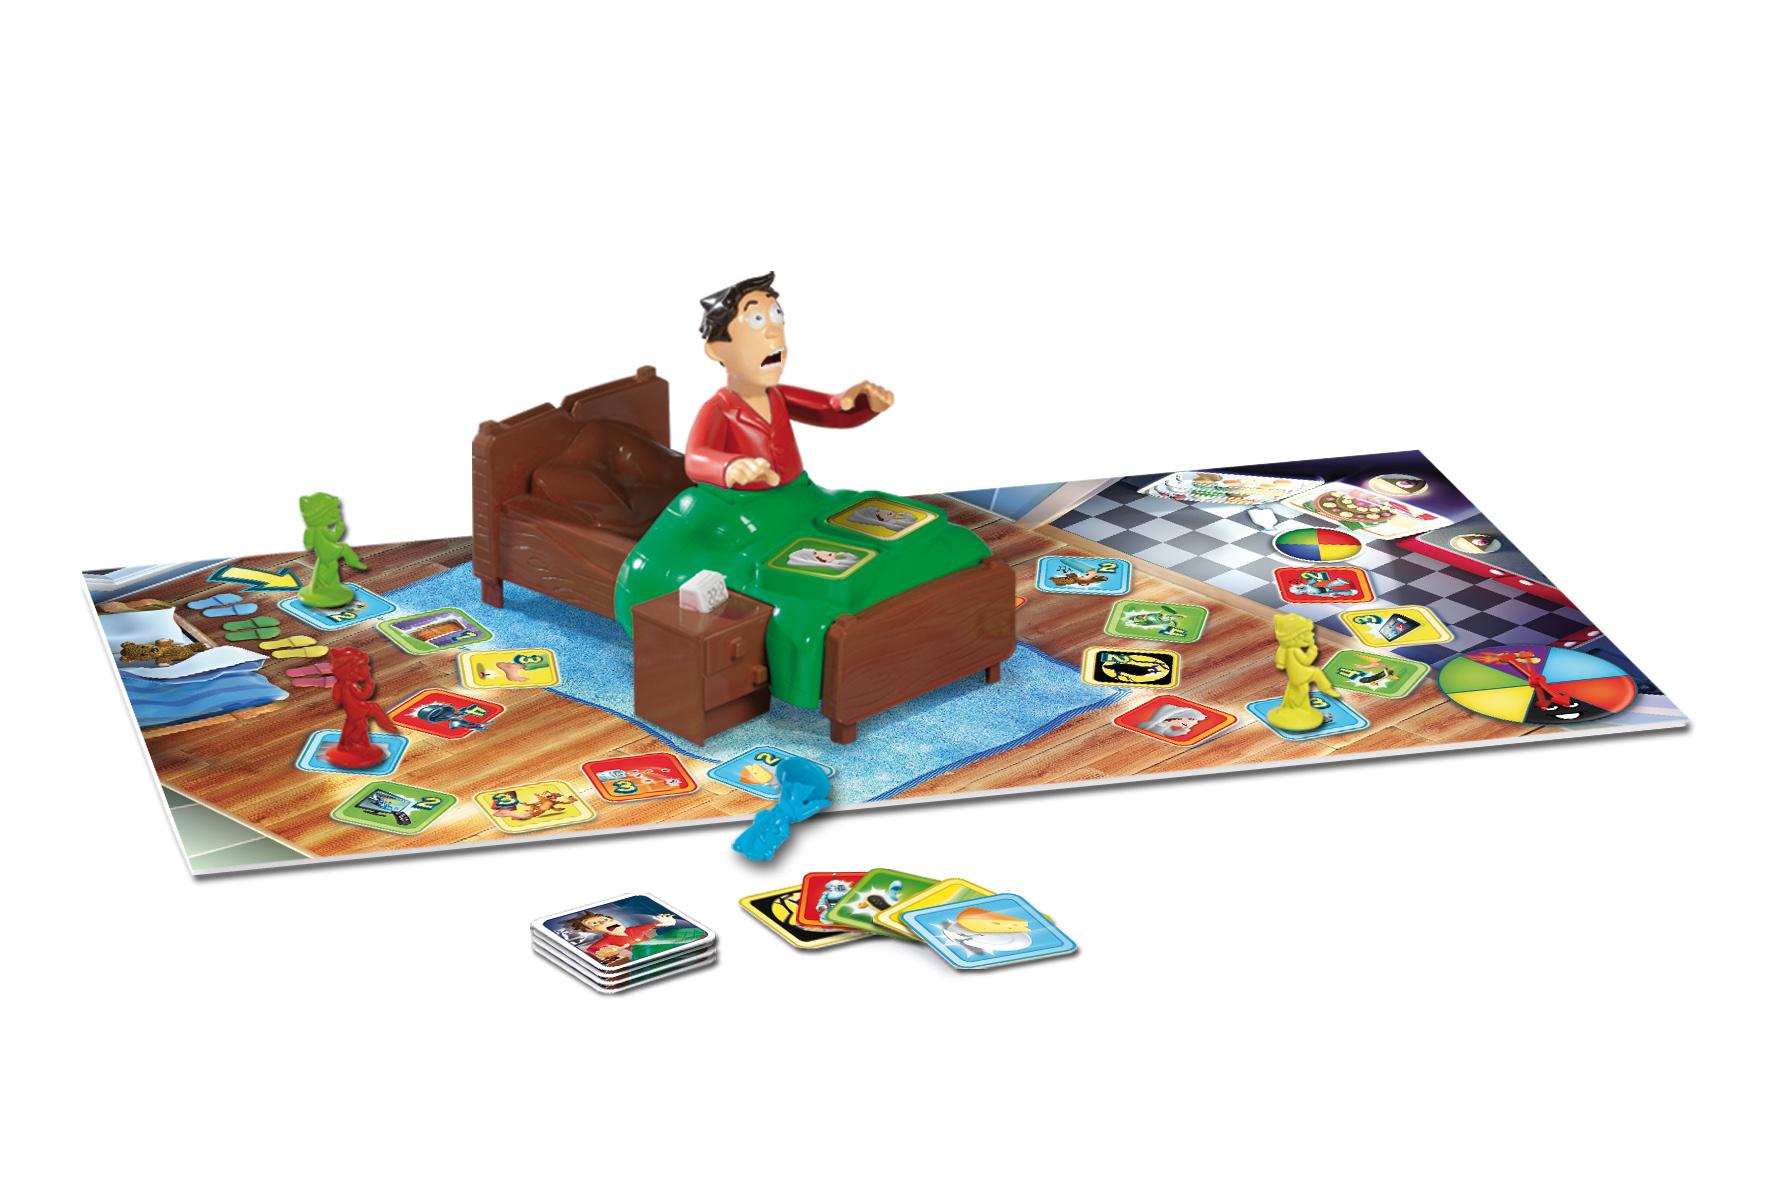 goliath jeu de soci t r veille pas papa pas cher achat vente jeux junior. Black Bedroom Furniture Sets. Home Design Ideas